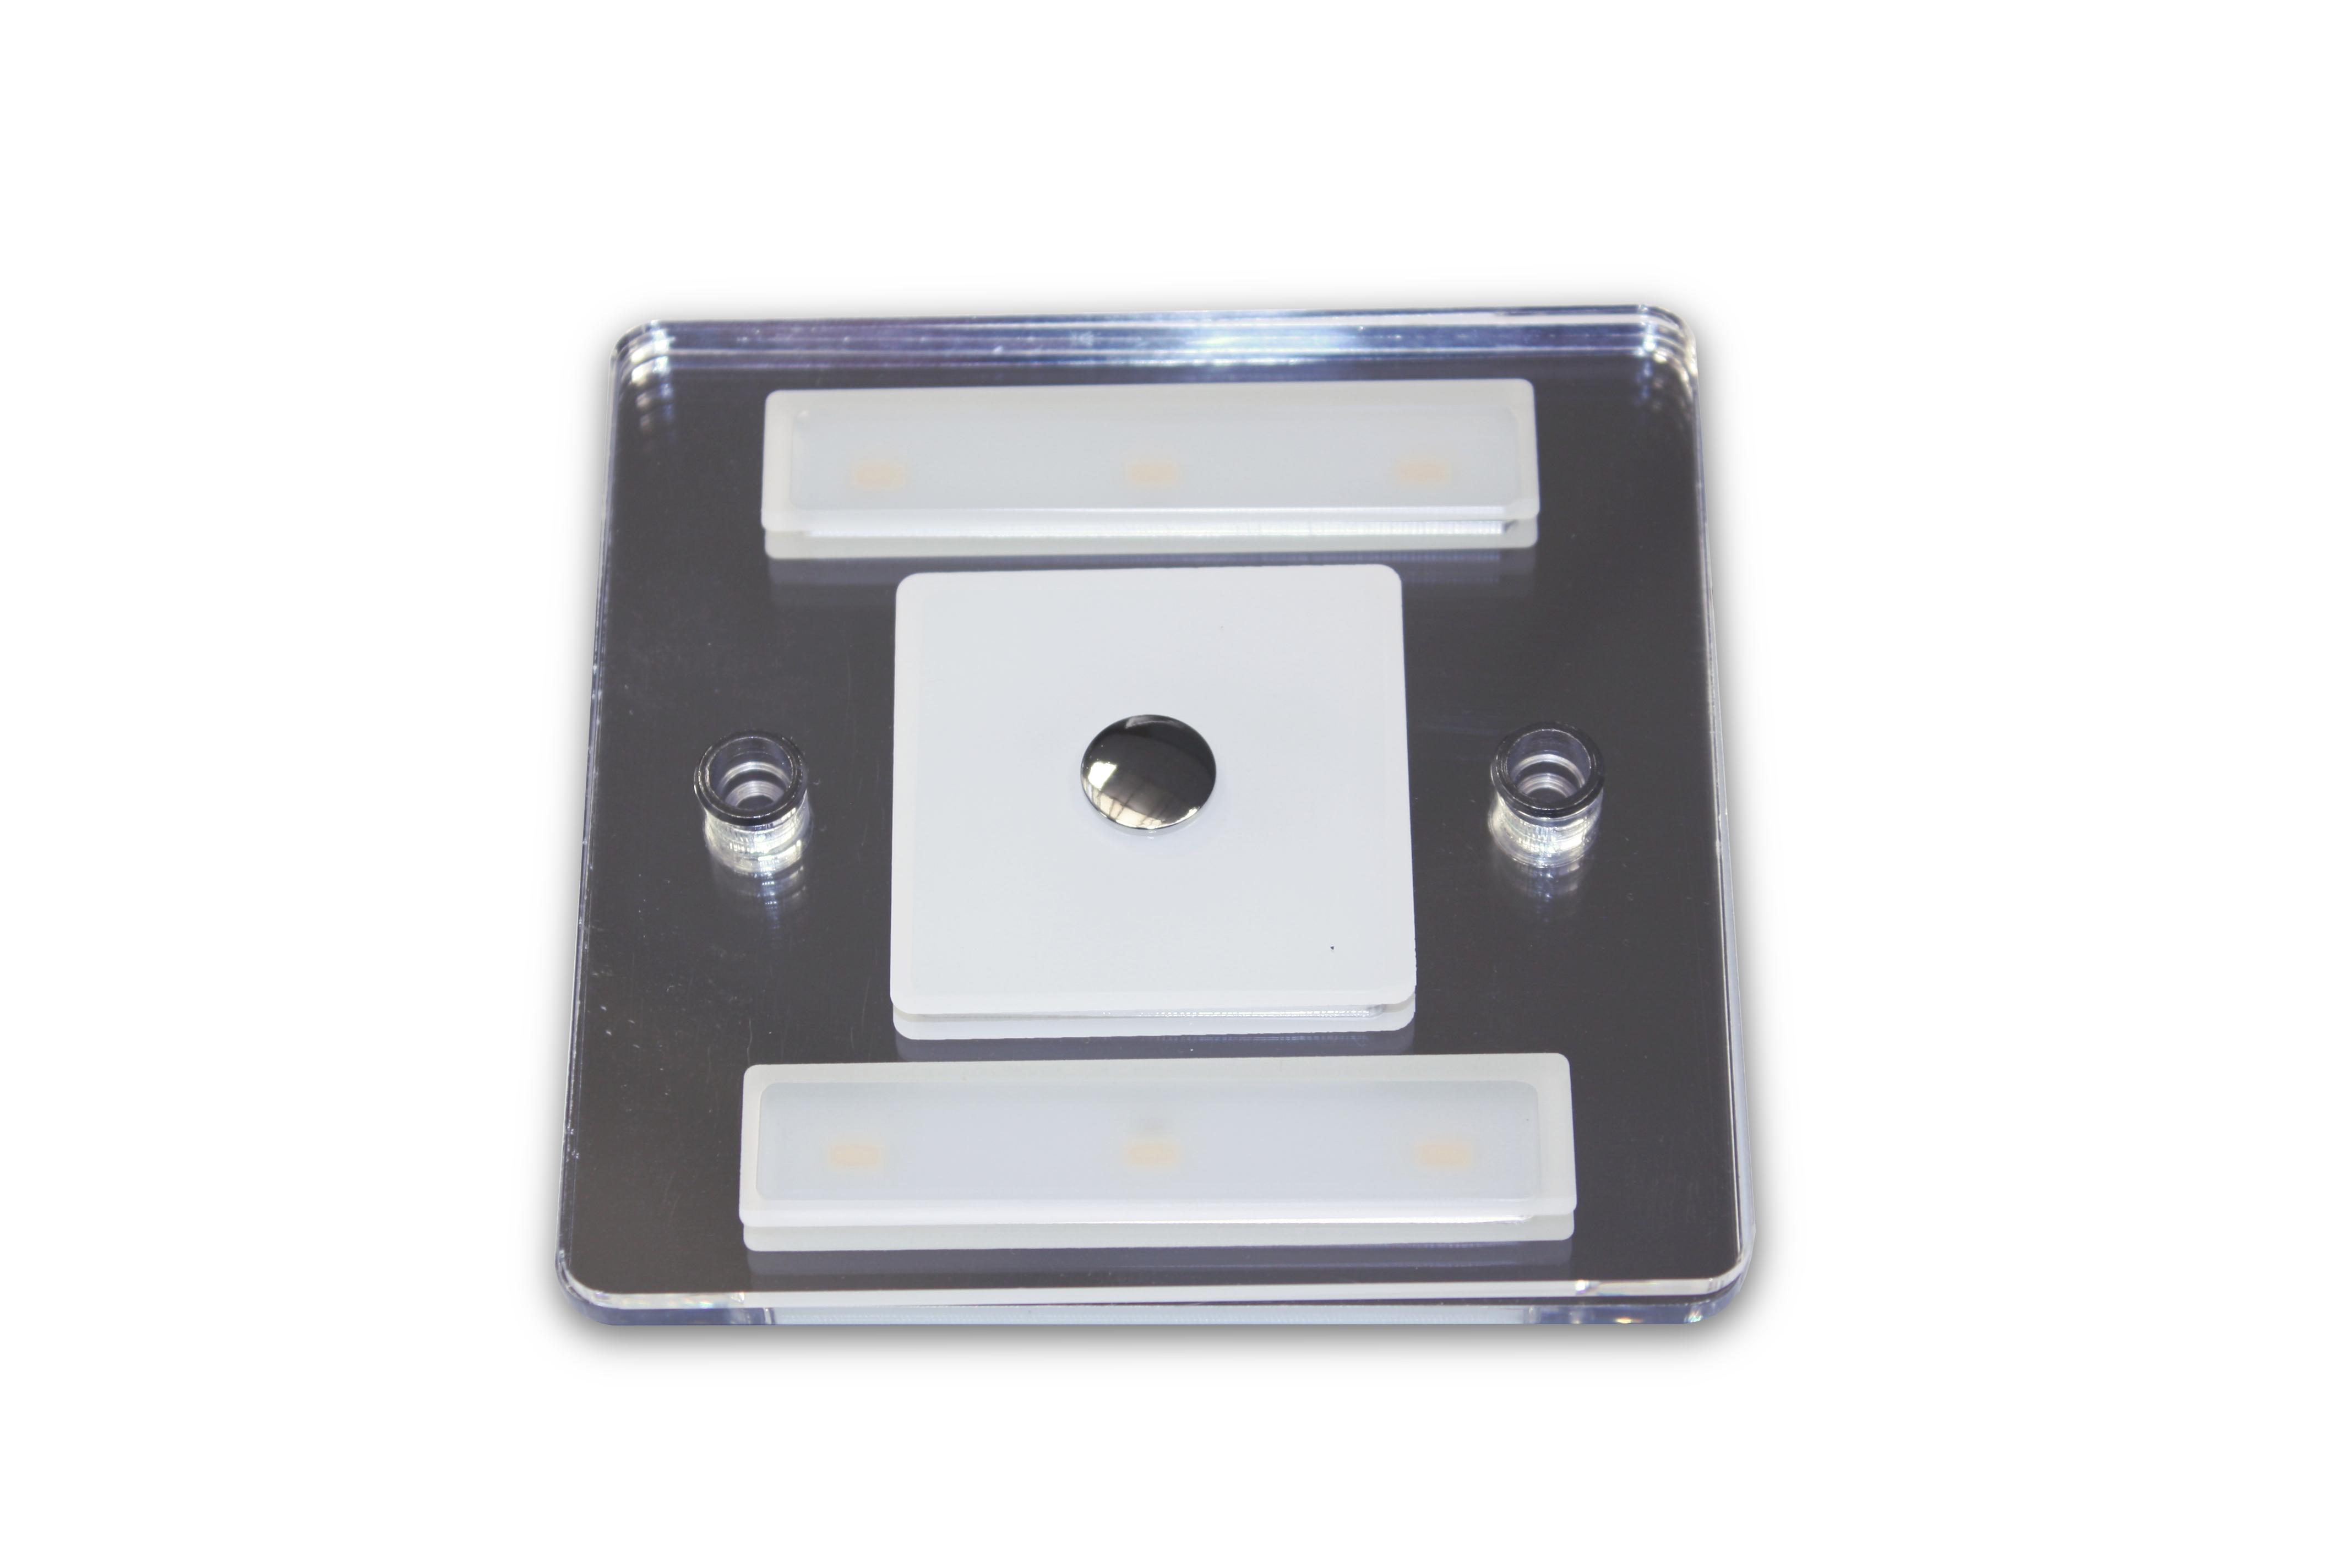 Plafoniera A Led 4000k : Plafoniera quadrata led 4000k 3 2w con interruttore touch dimmer